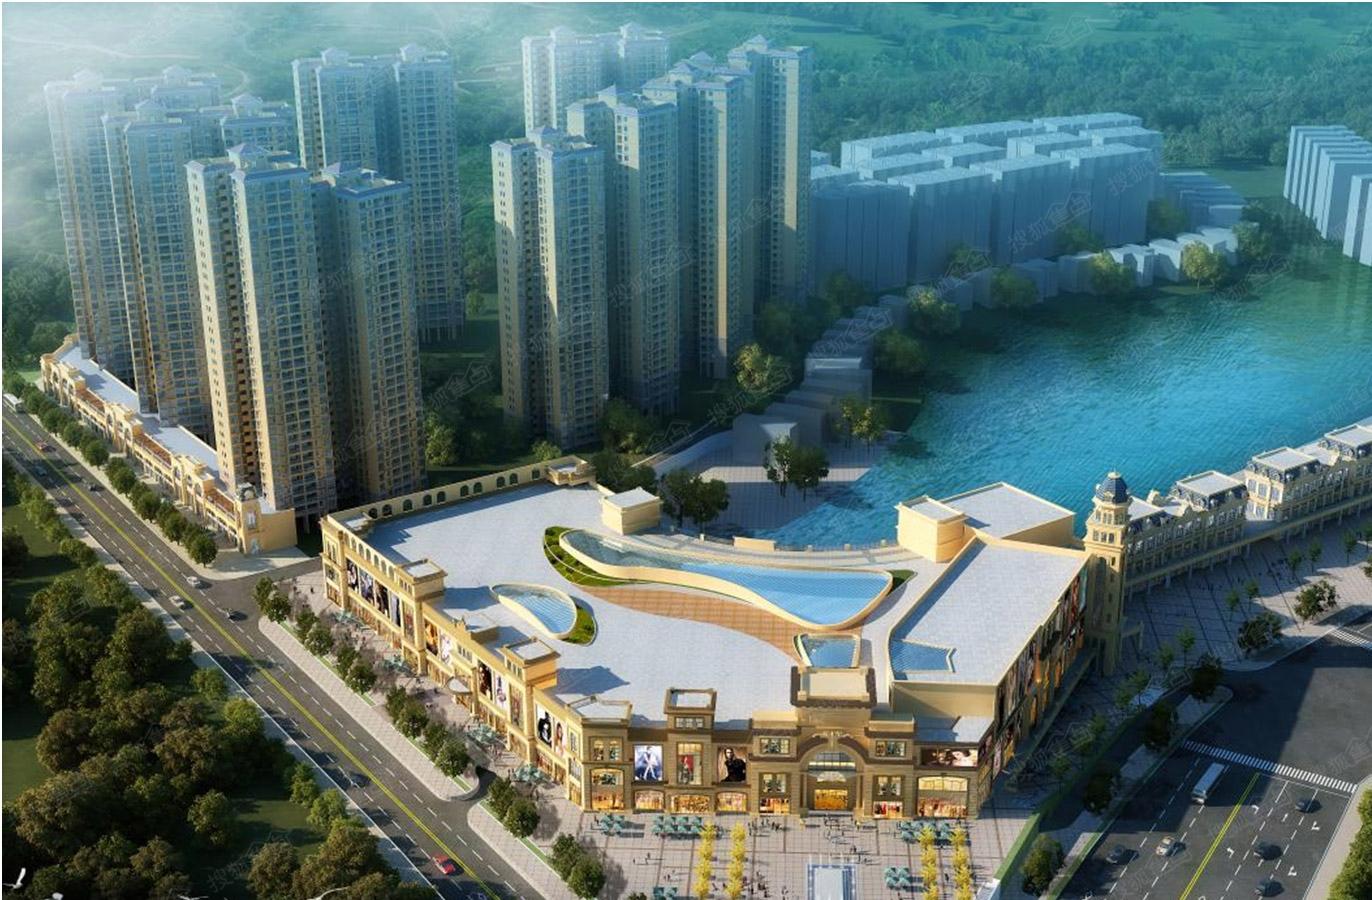 惠州龙光城怎么样/最新房价/值得买吗-爱喇叭网